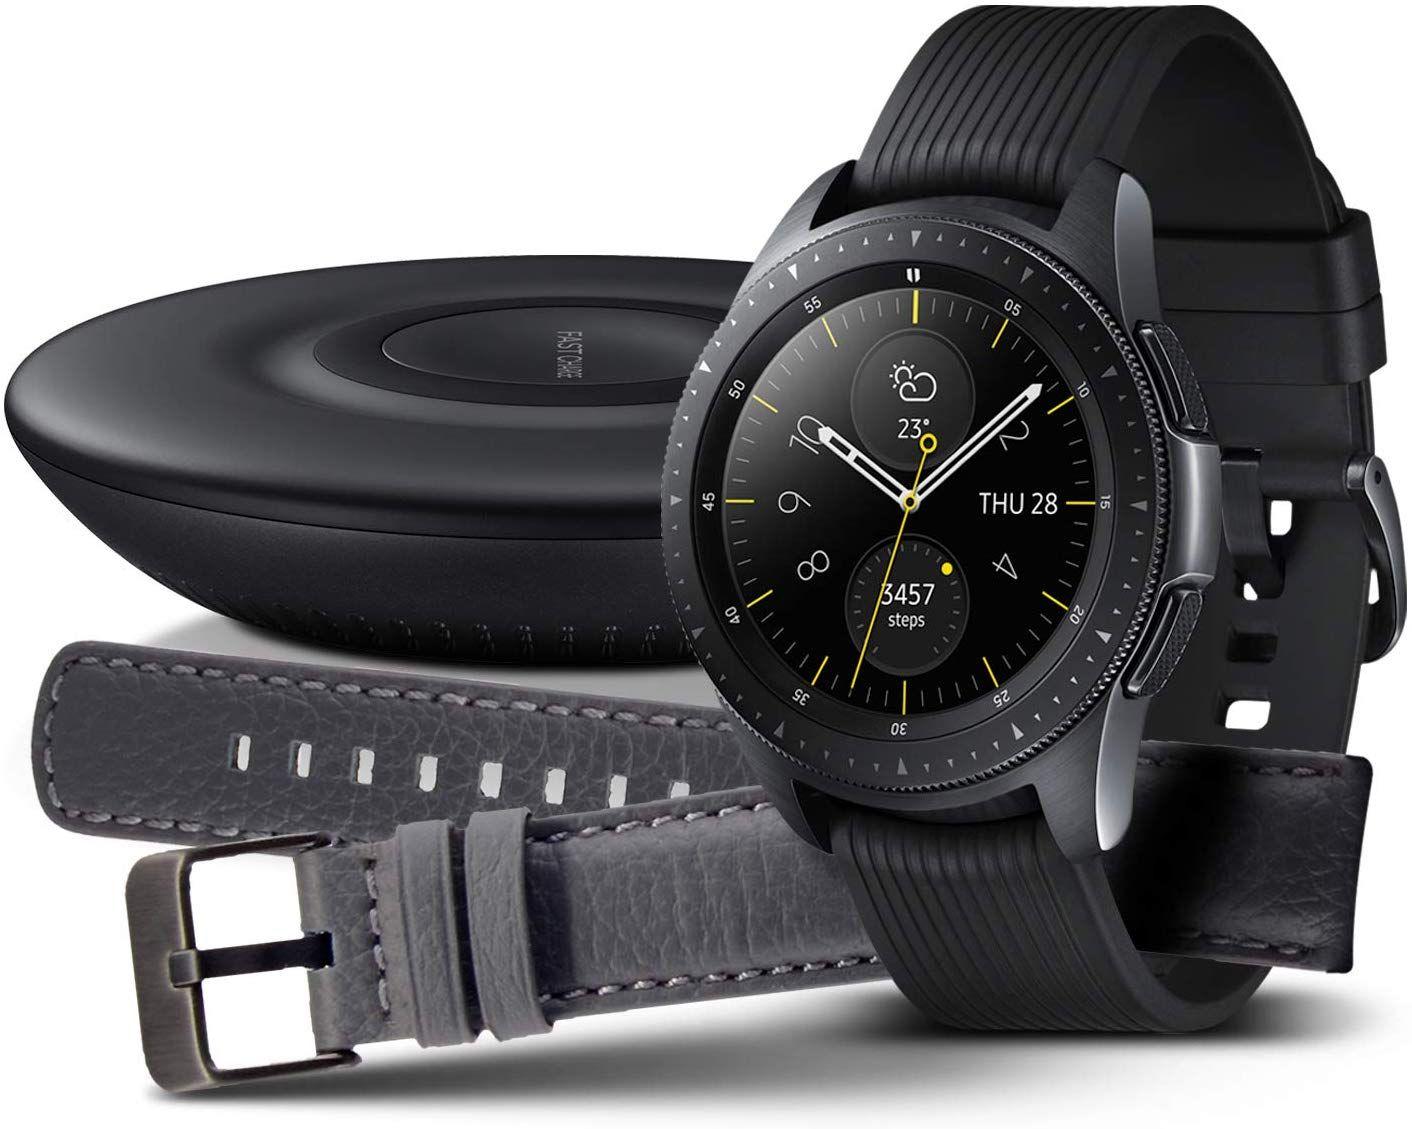 Samsung Galaxy Watch 42mm Bundle, schwarz + Charger und Lederarmband (46mm für 239 Euro)